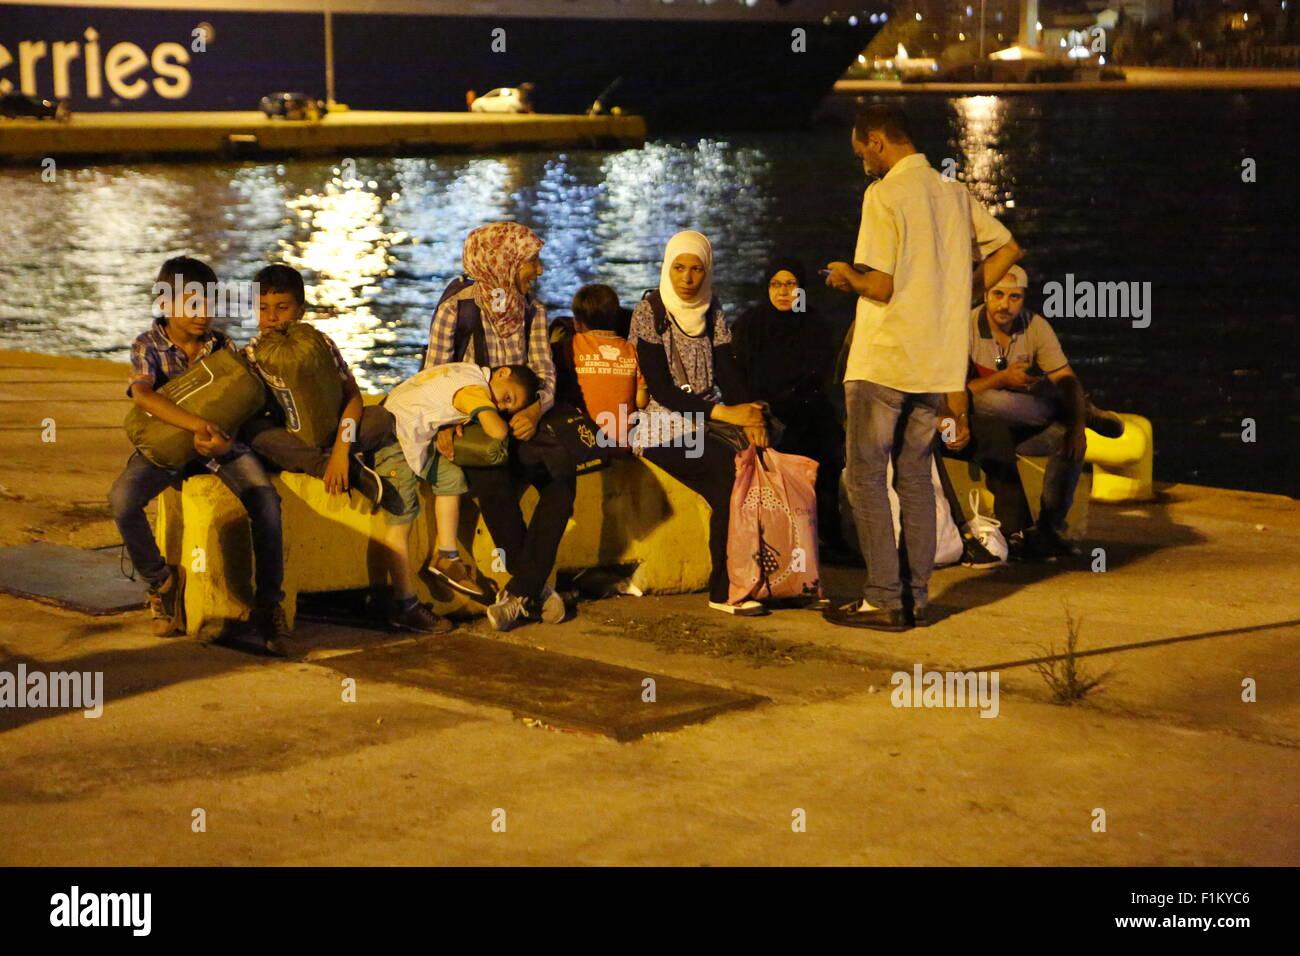 Athènes, Grèce. 3e septembre 2015. Les réfugiés s'asseoir sur quelques pierres sur les quais du port du Pirée, en attendant le bus pour les transporter à la gare. Des milliers de réfugiés sont arrivés dans le port du Pirée à bord le gouvernement comptables Tera Jet ferry de l'île grecque de Lesbos. Des centaines de réfugiés, principalement en provenance de Syrie et l'Afghanistan arrivent sur les îles grecques chaque semaine, ajoutant à la déjà plusieurs milliers de réfugiés déjà sur les îles grecques. Crédit: Michael Debets/Alamy Live News Banque D'Images